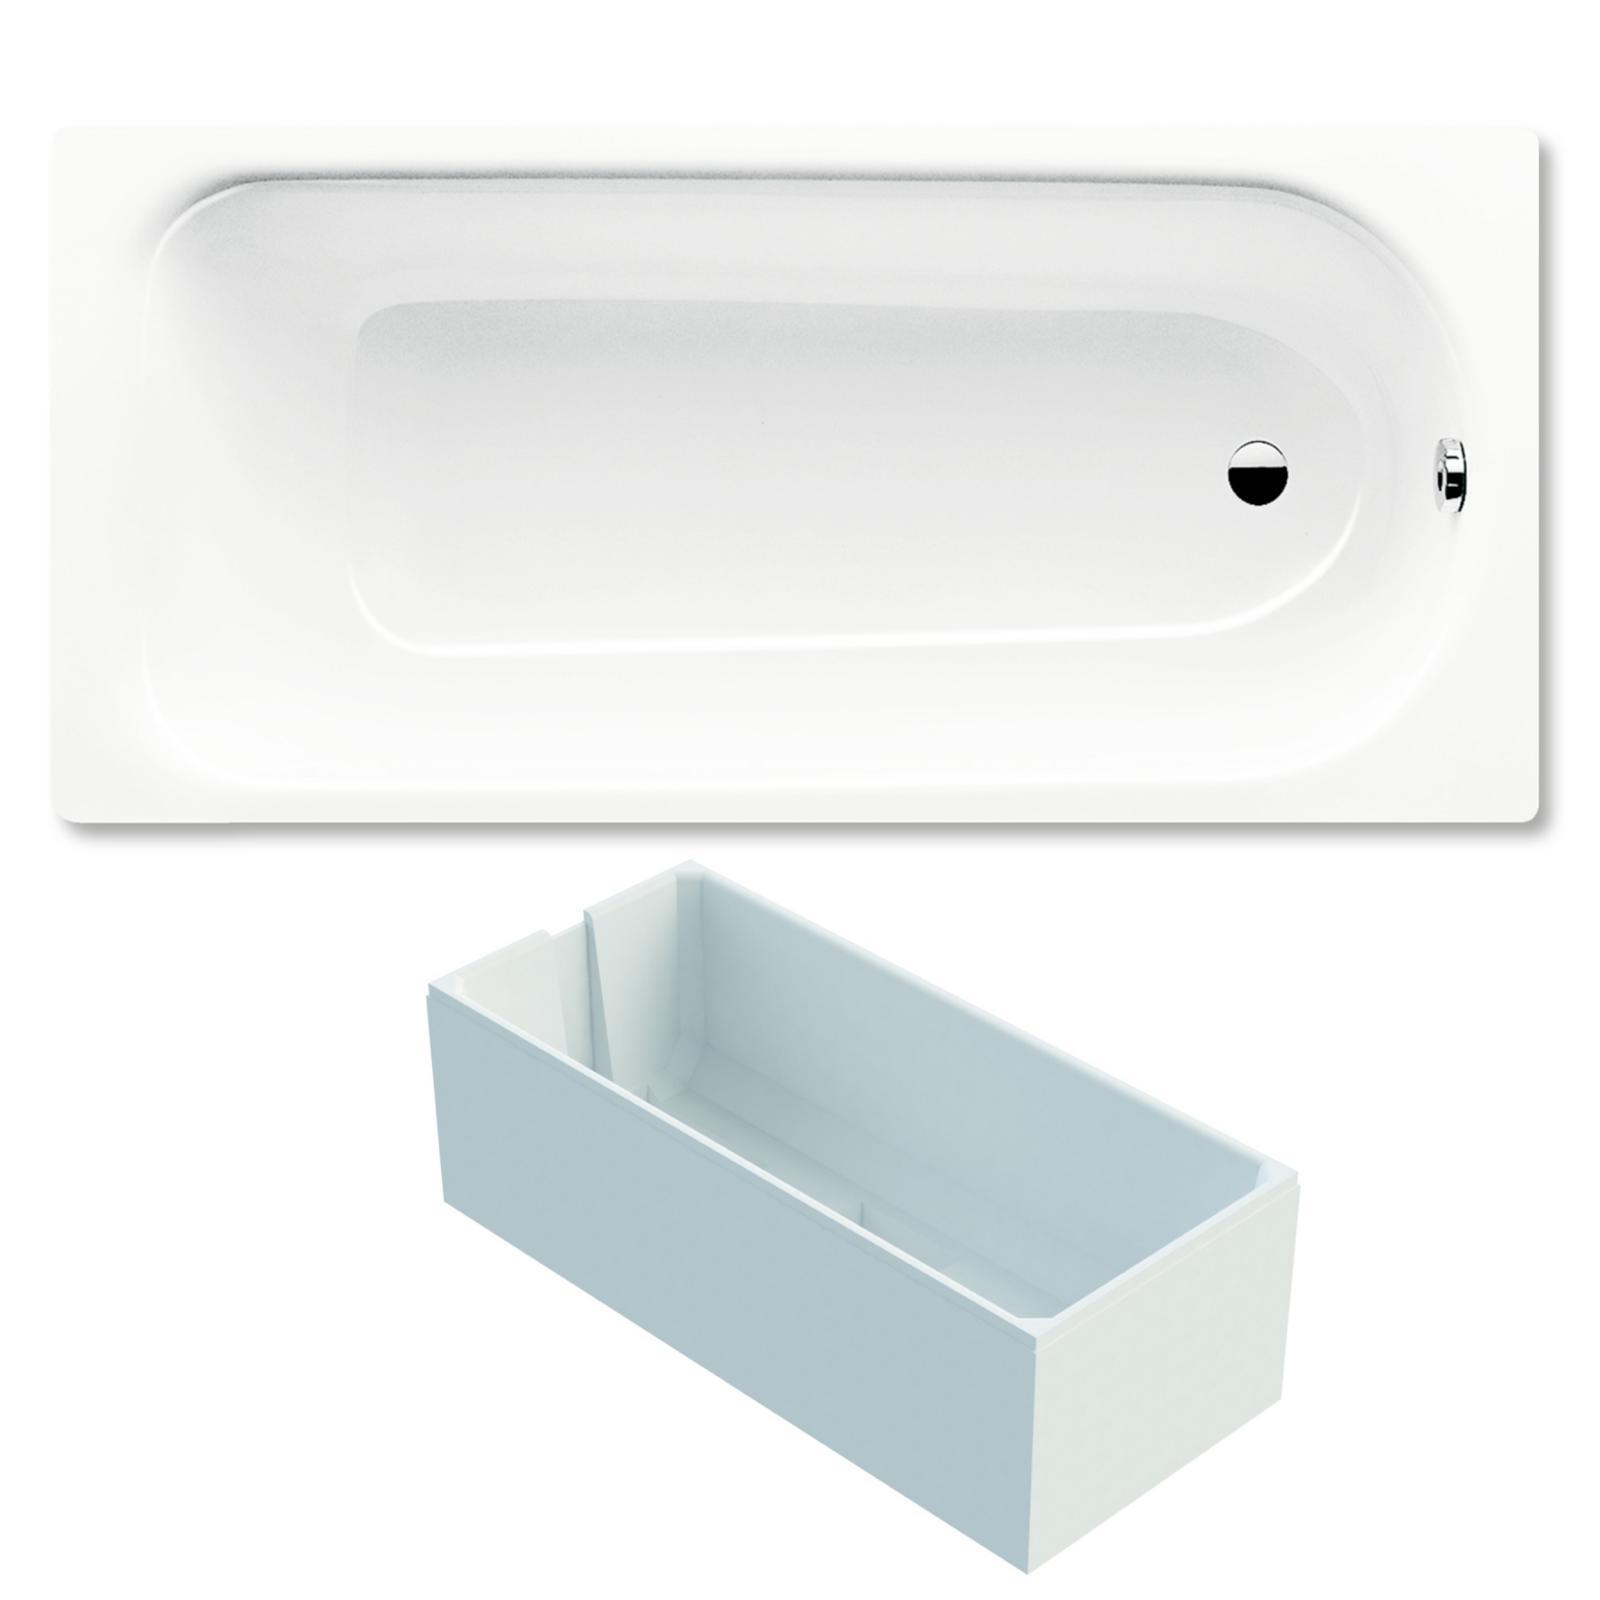 kaldewei saniform plus badewanne 180x80 cm stahl 3 5 mm. Black Bedroom Furniture Sets. Home Design Ideas